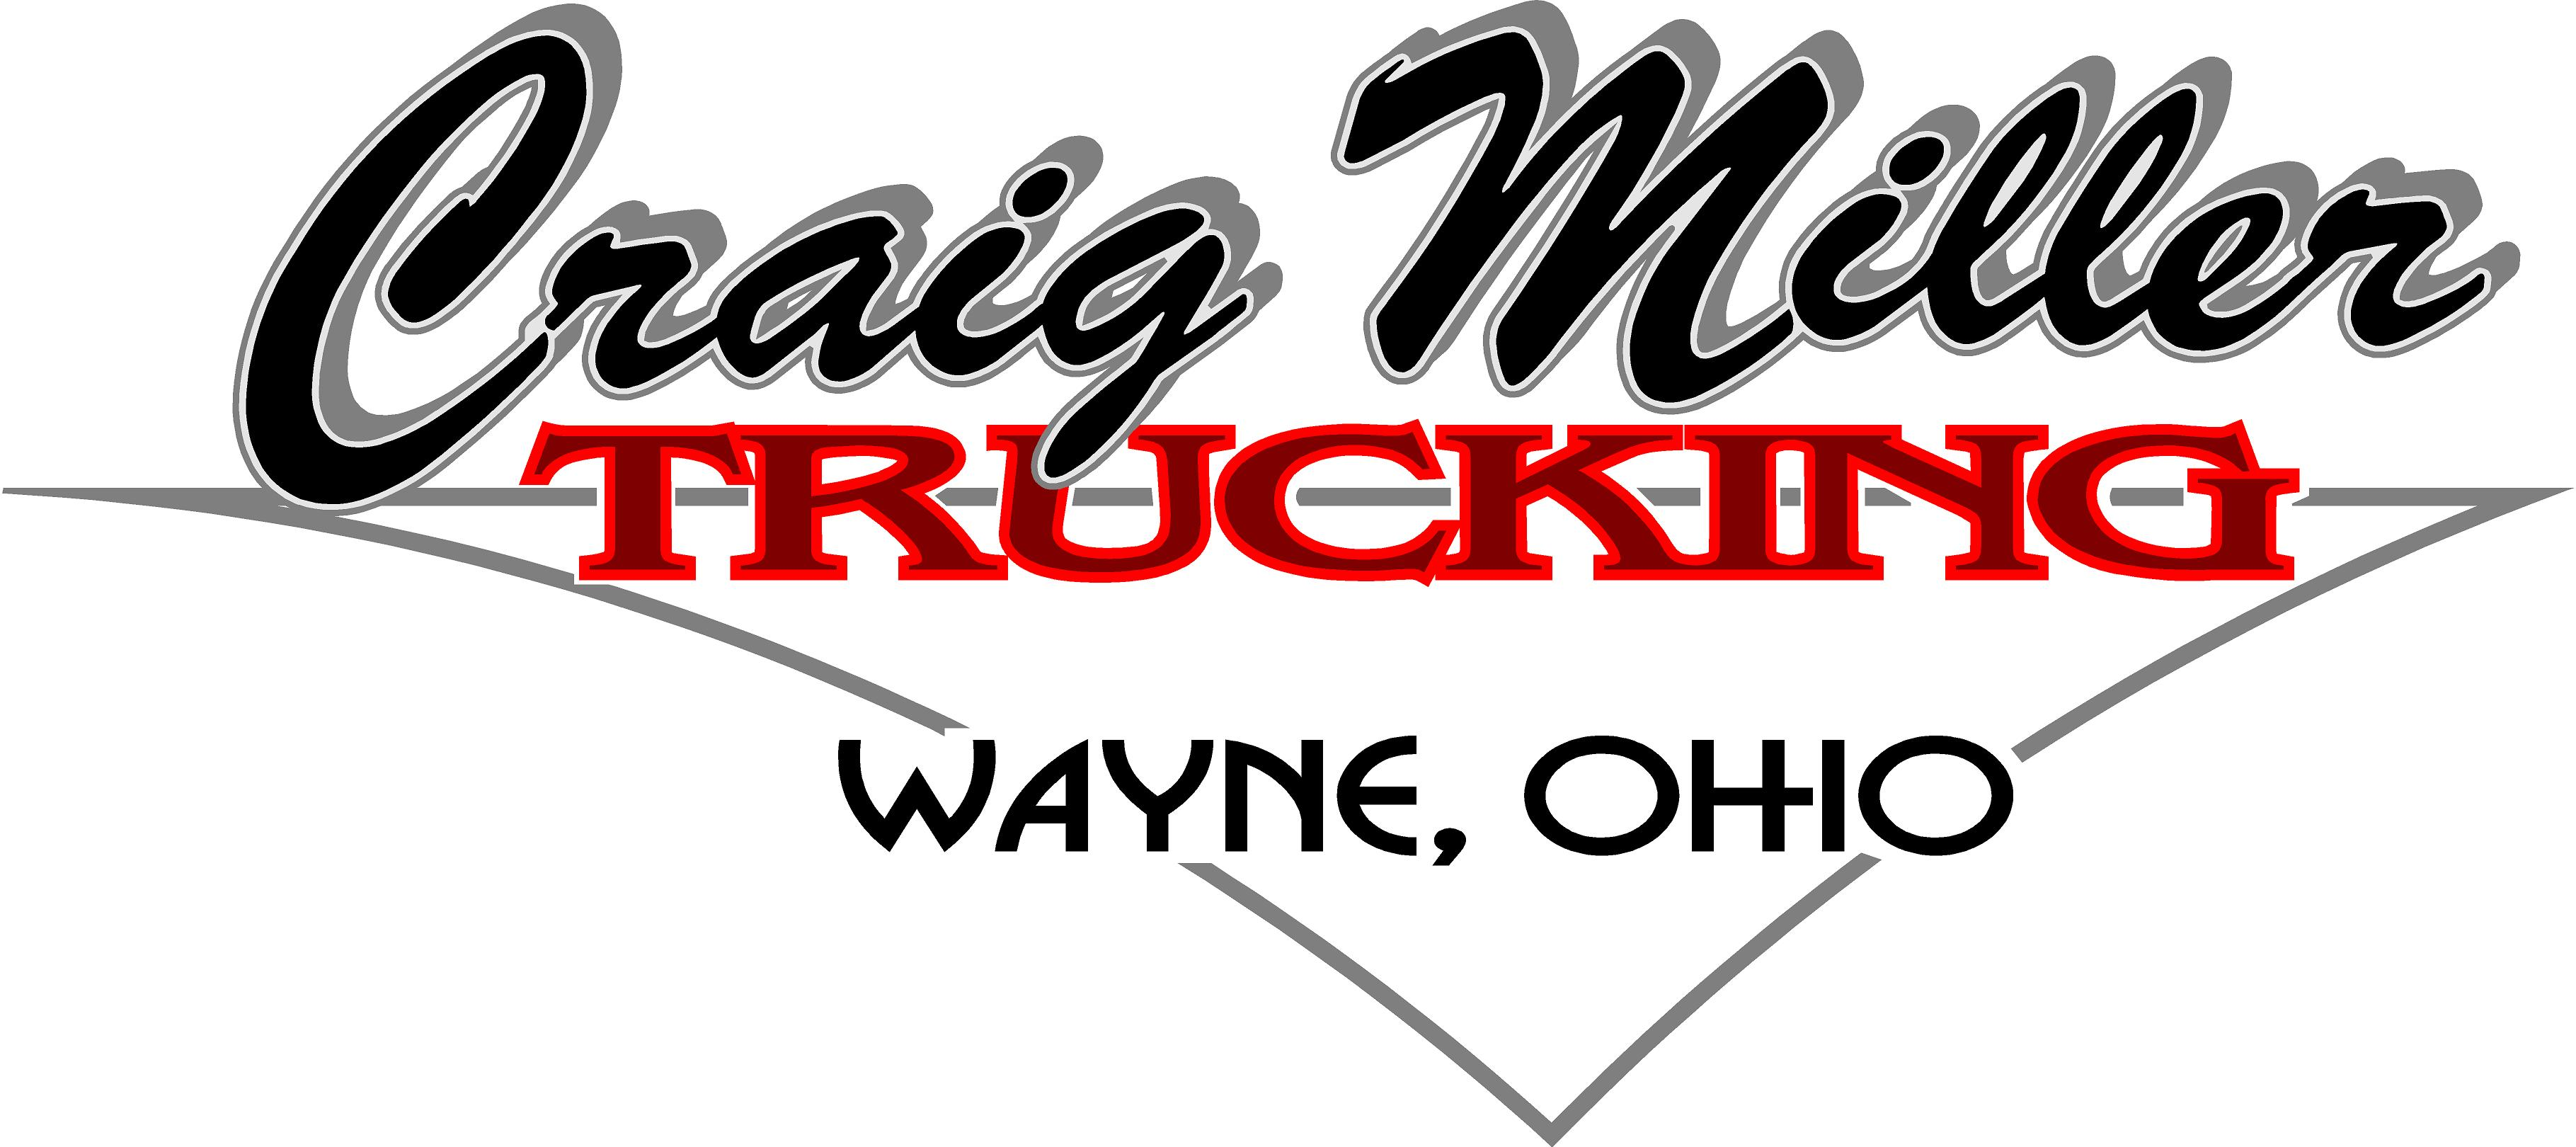 Craig Miller Trucking